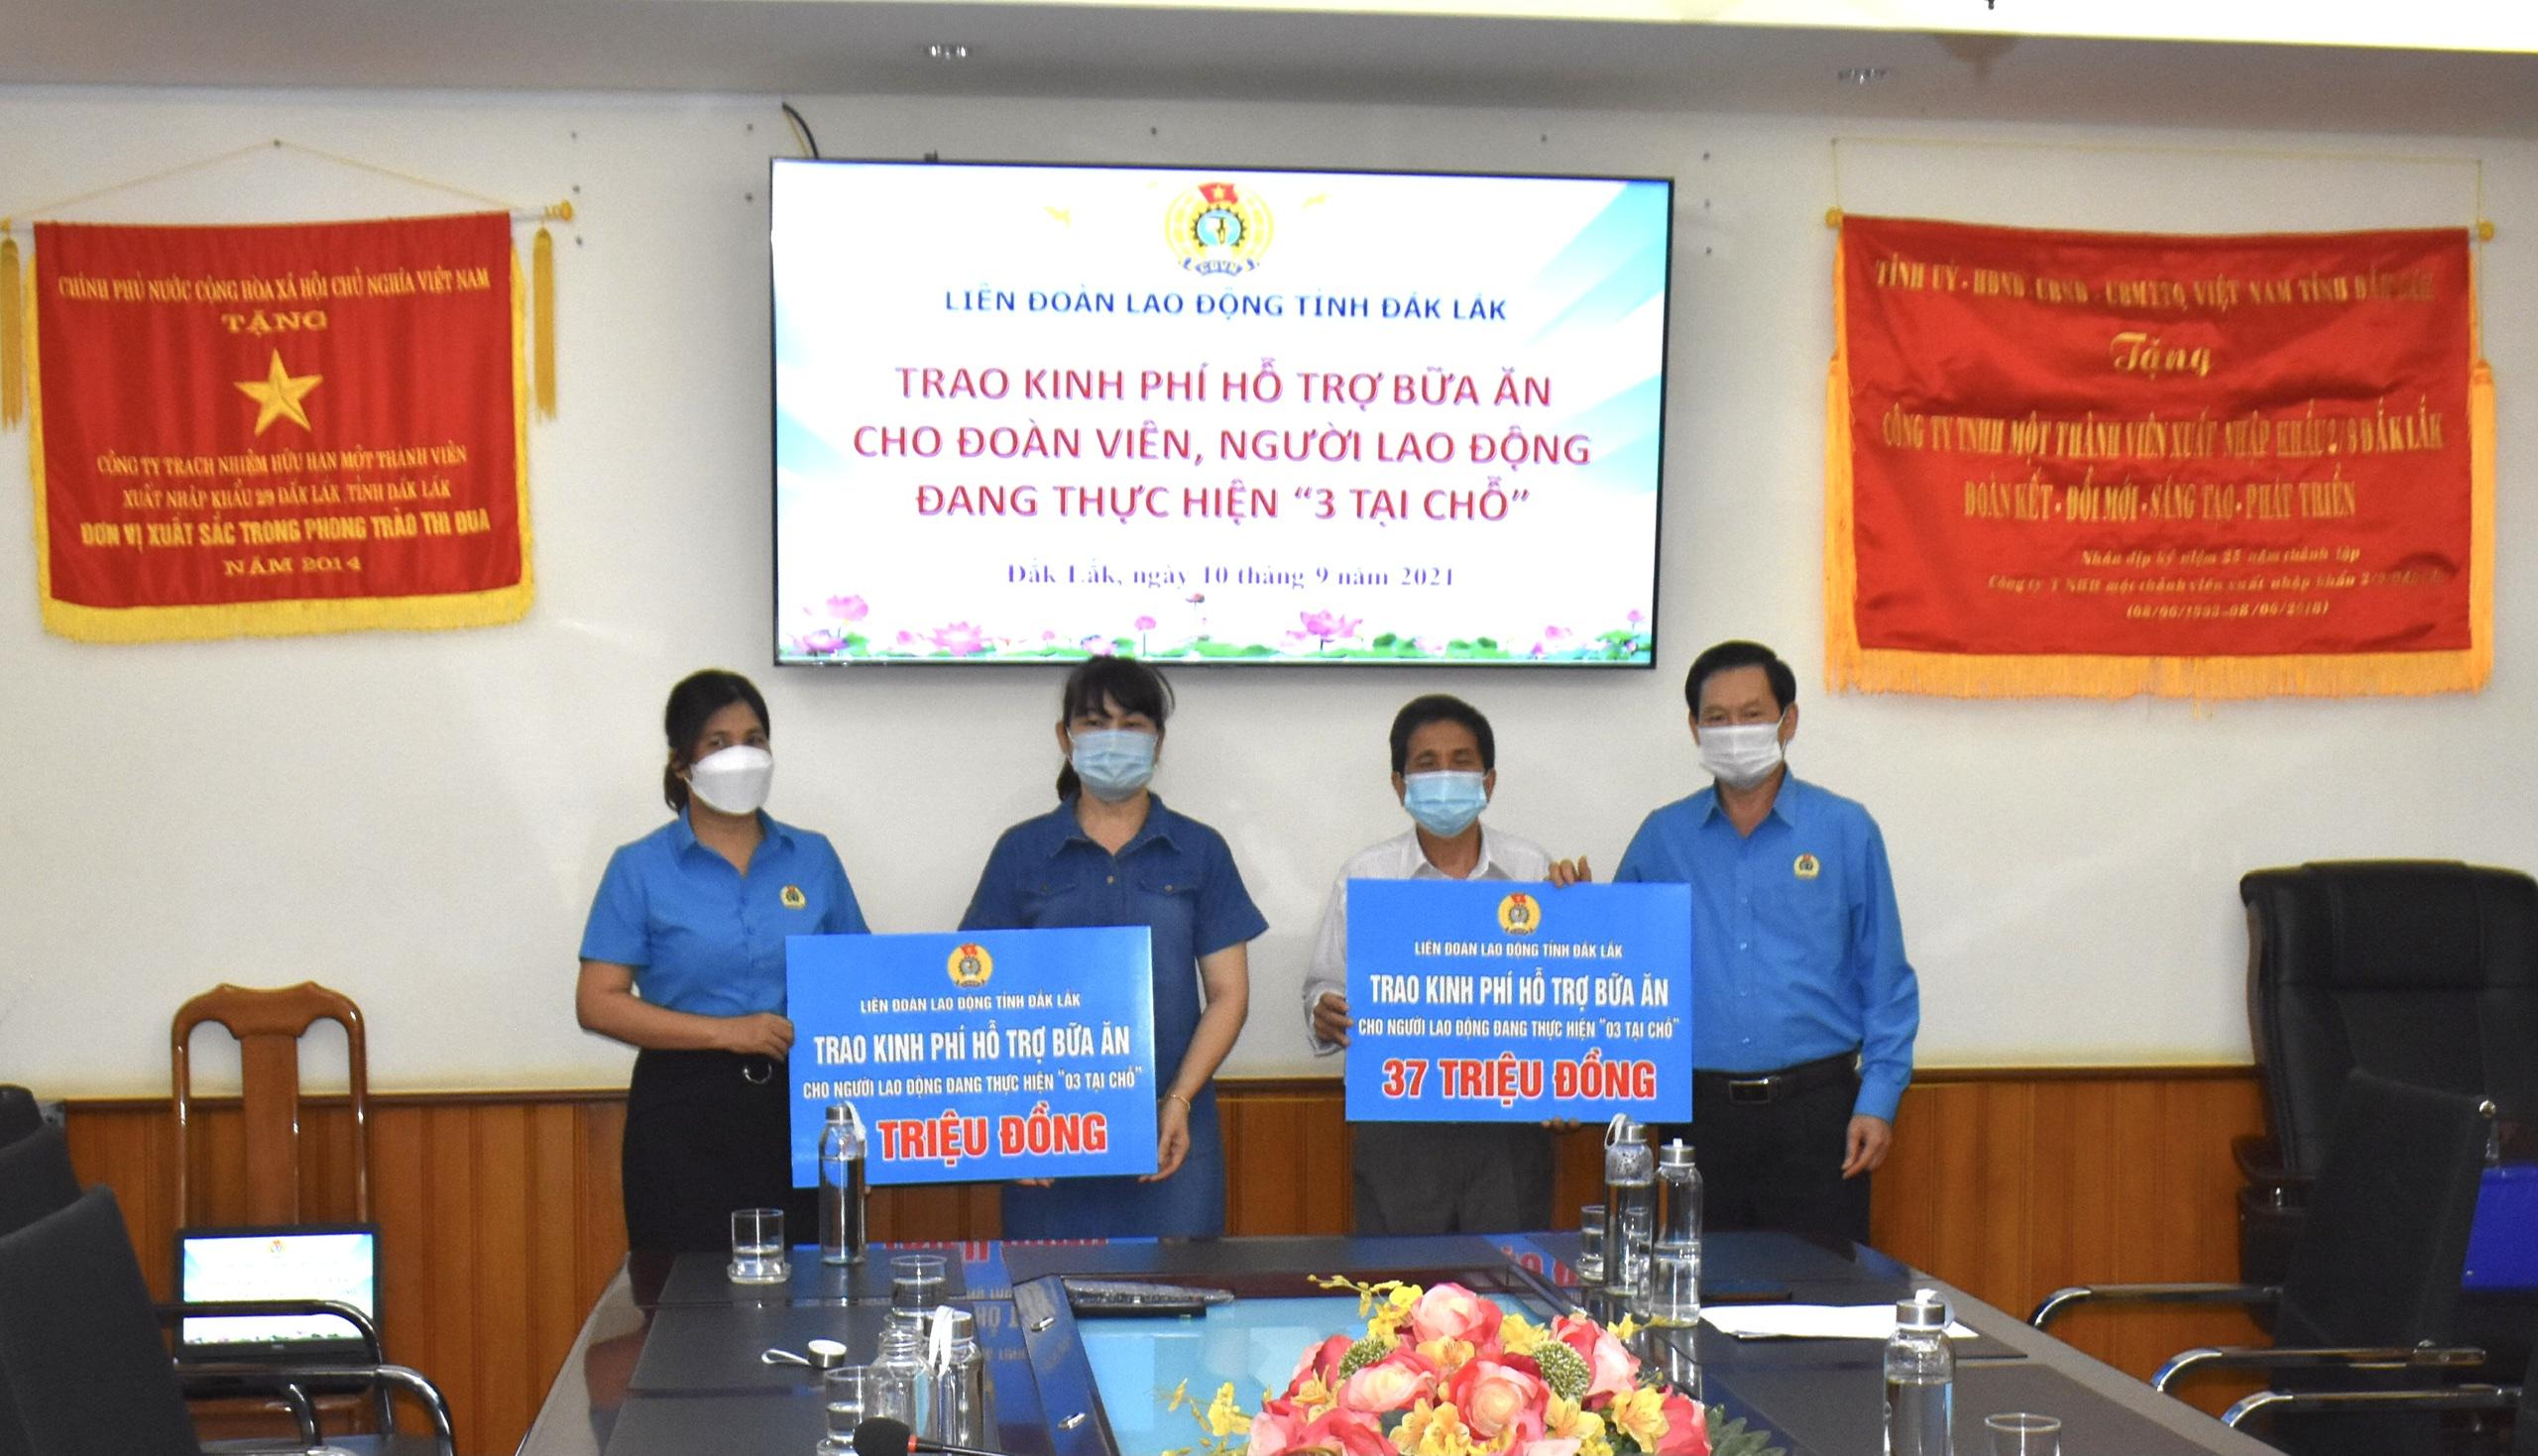 LĐLĐ tỉnh trao kinh phí hỗ trợ đoàn viên, lực lượng y tế, tham gia chống dịch Covid-19 tại TP.Hồ Chí Minh